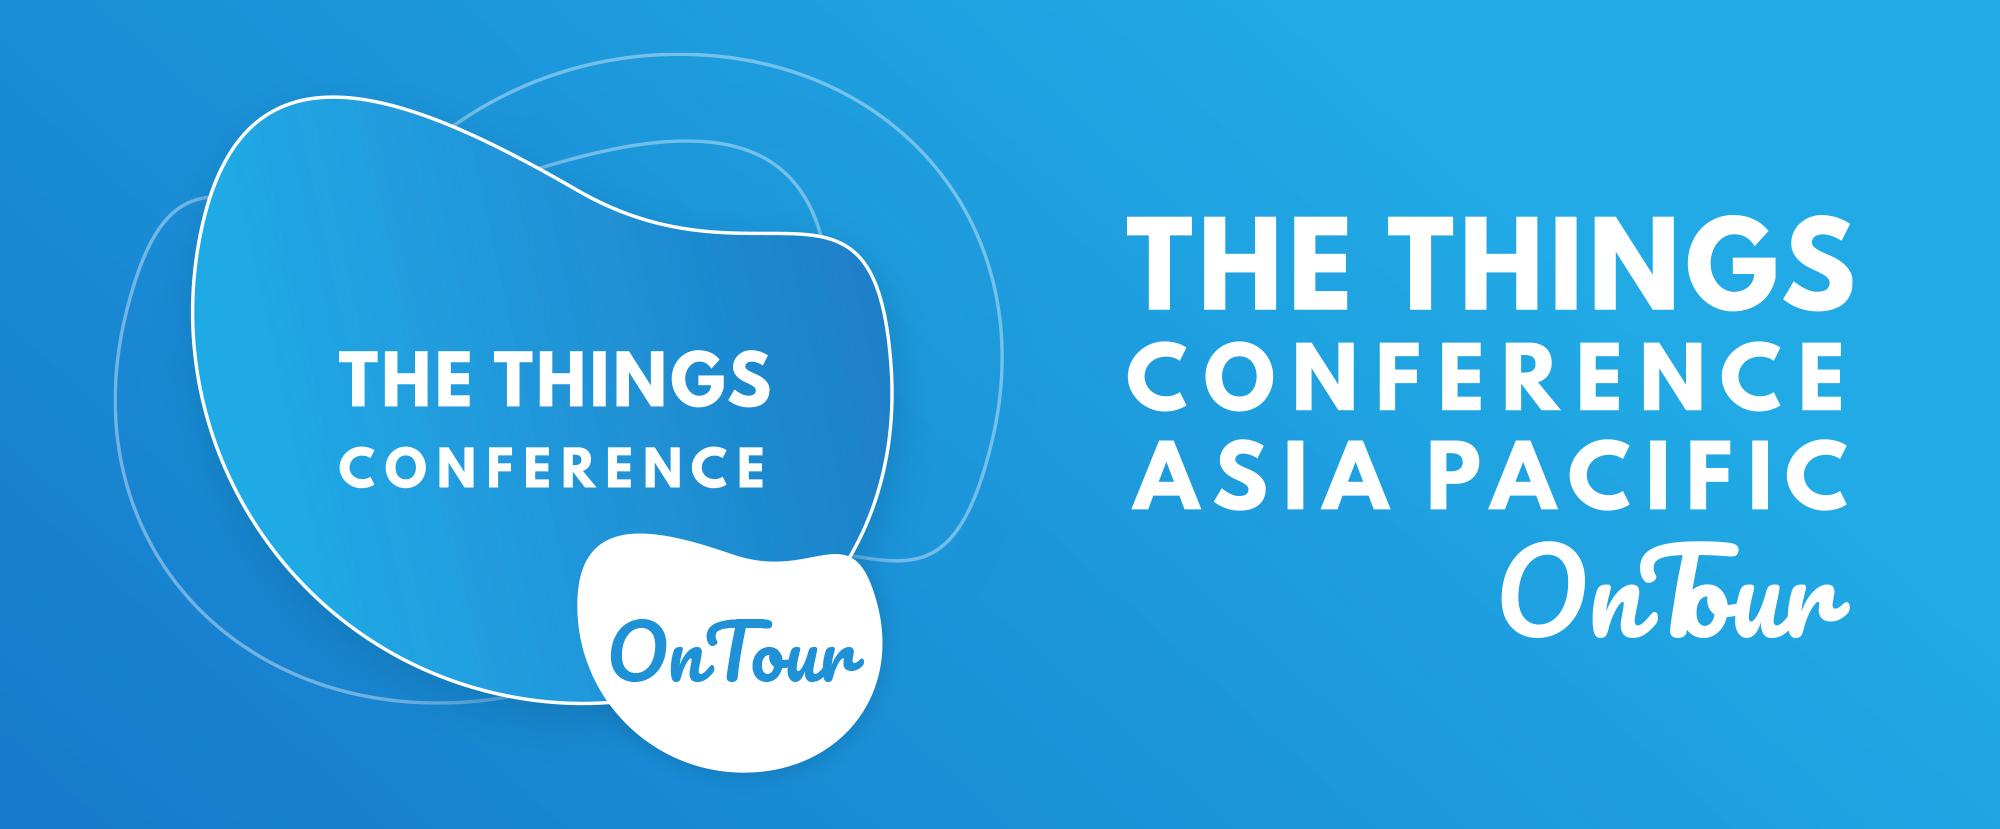 ttn_conference_2019_banner_doublelogo